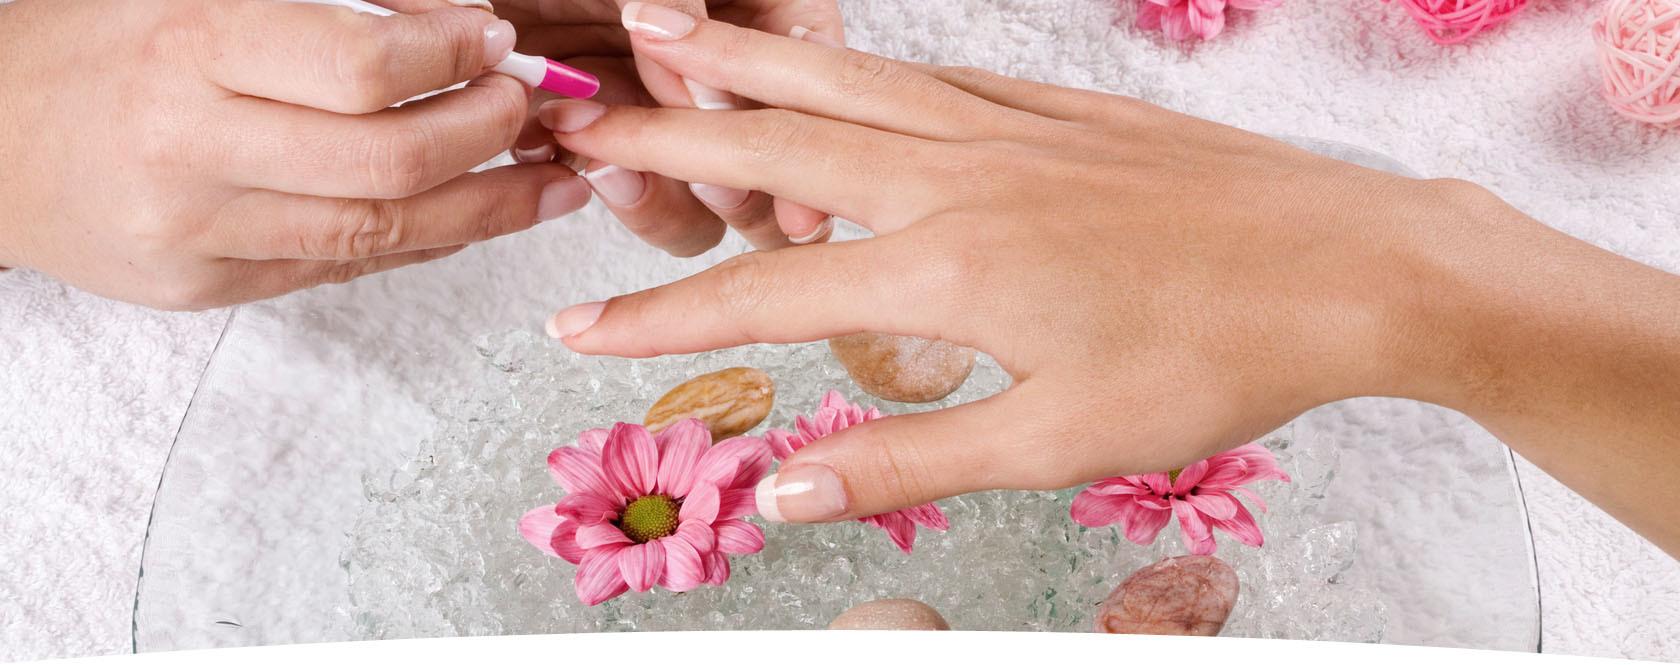 Nail Salons Divider Purple